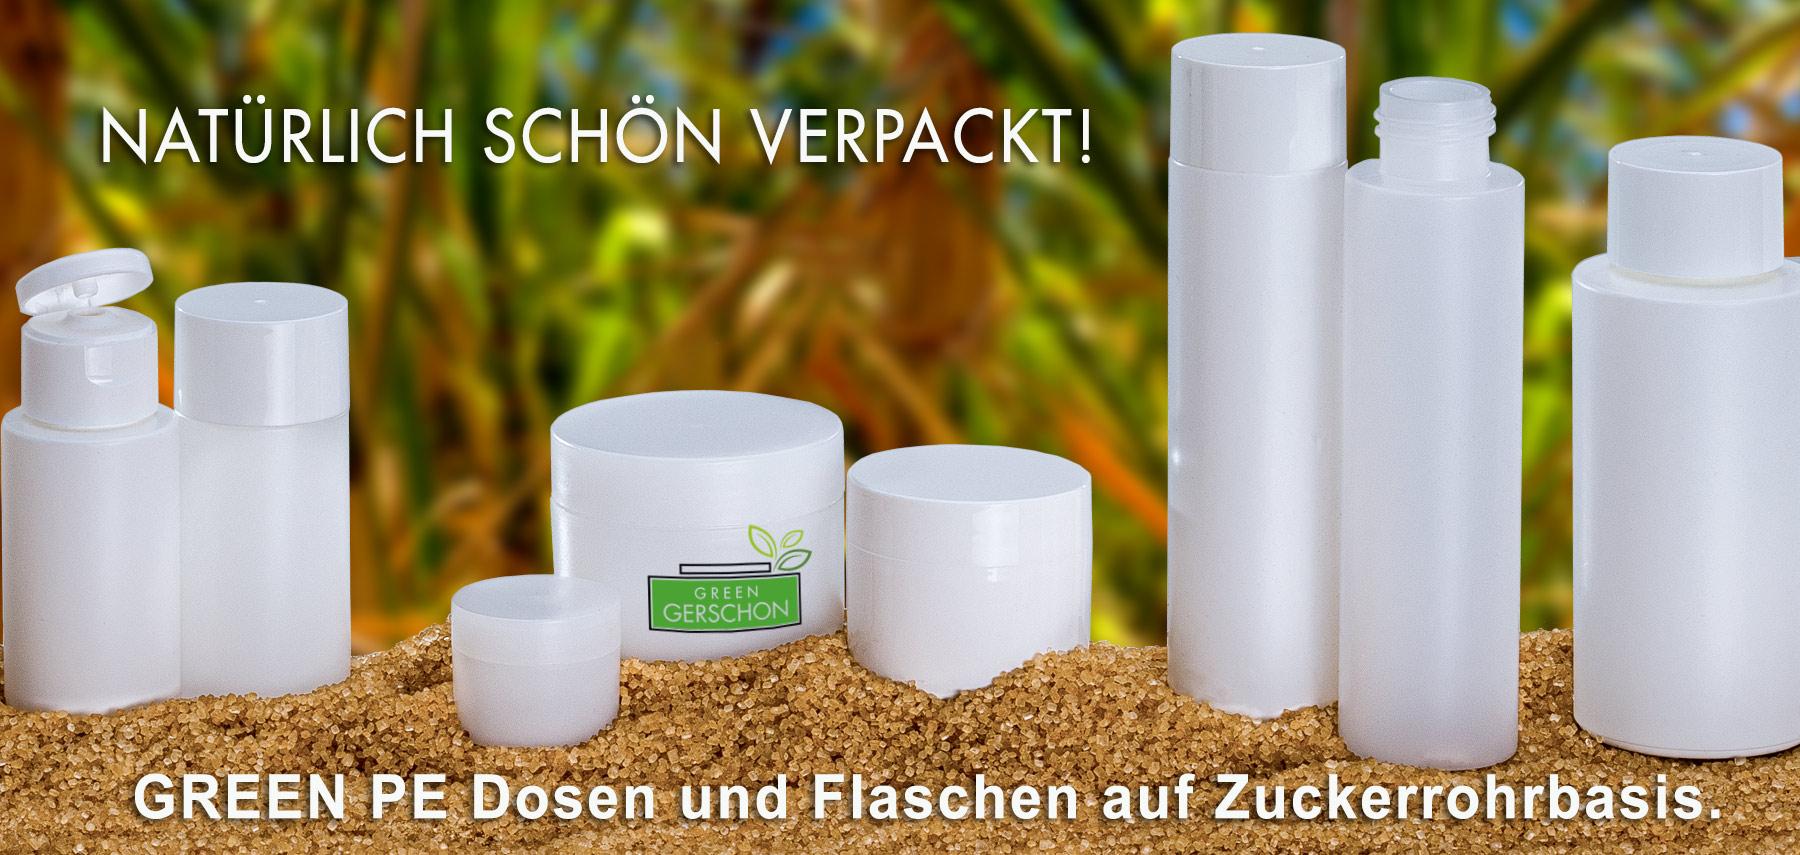 Green Gerschon